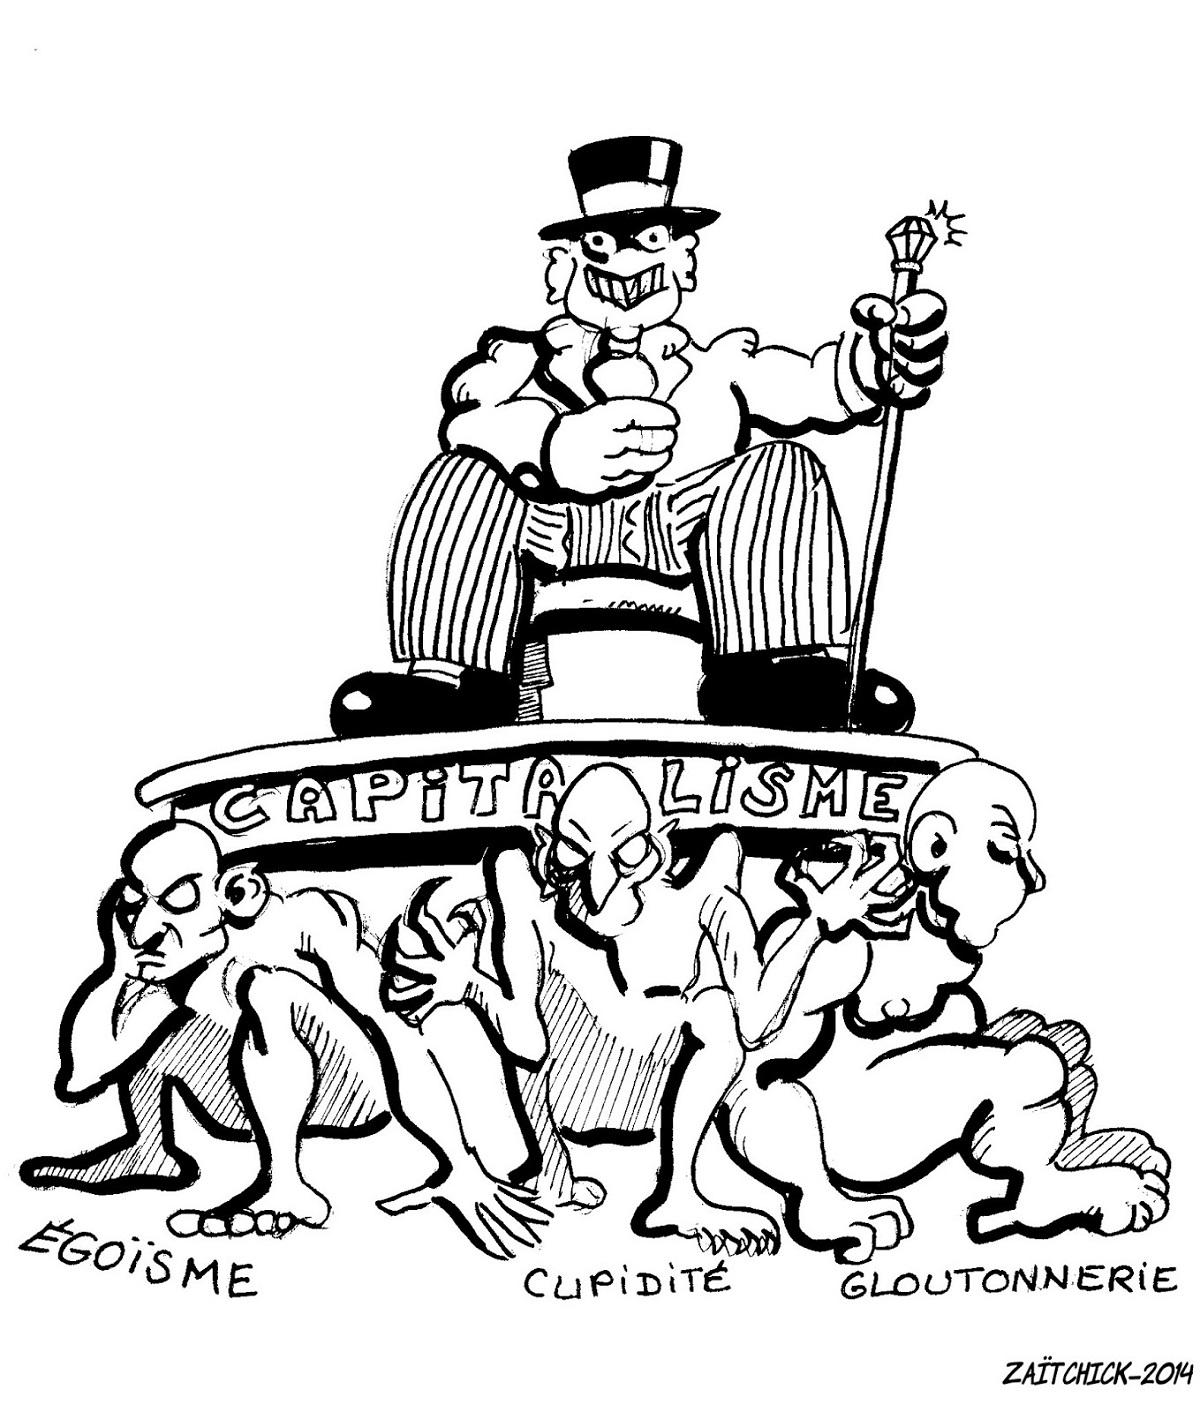 dessin d'actualité du capitalisme soutenu par l'égoïsme, la cupidité et la gloutonnerie